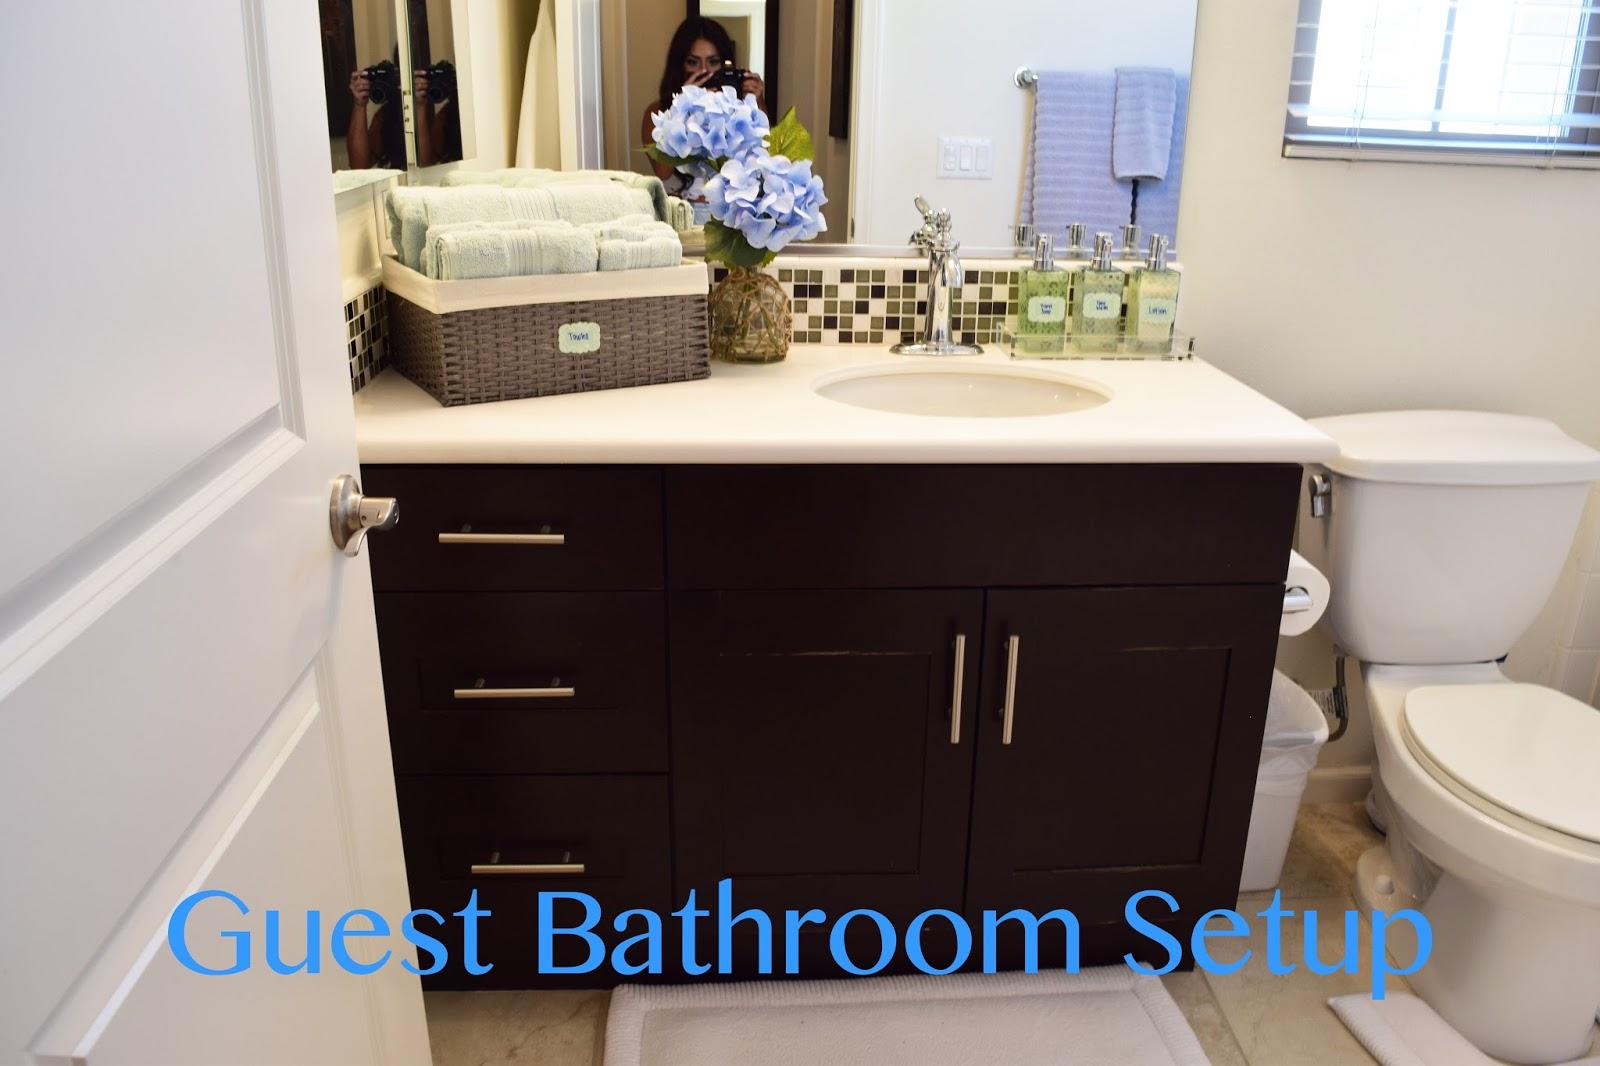 Diy bathroom organization - My Bathroom Organizing Tools